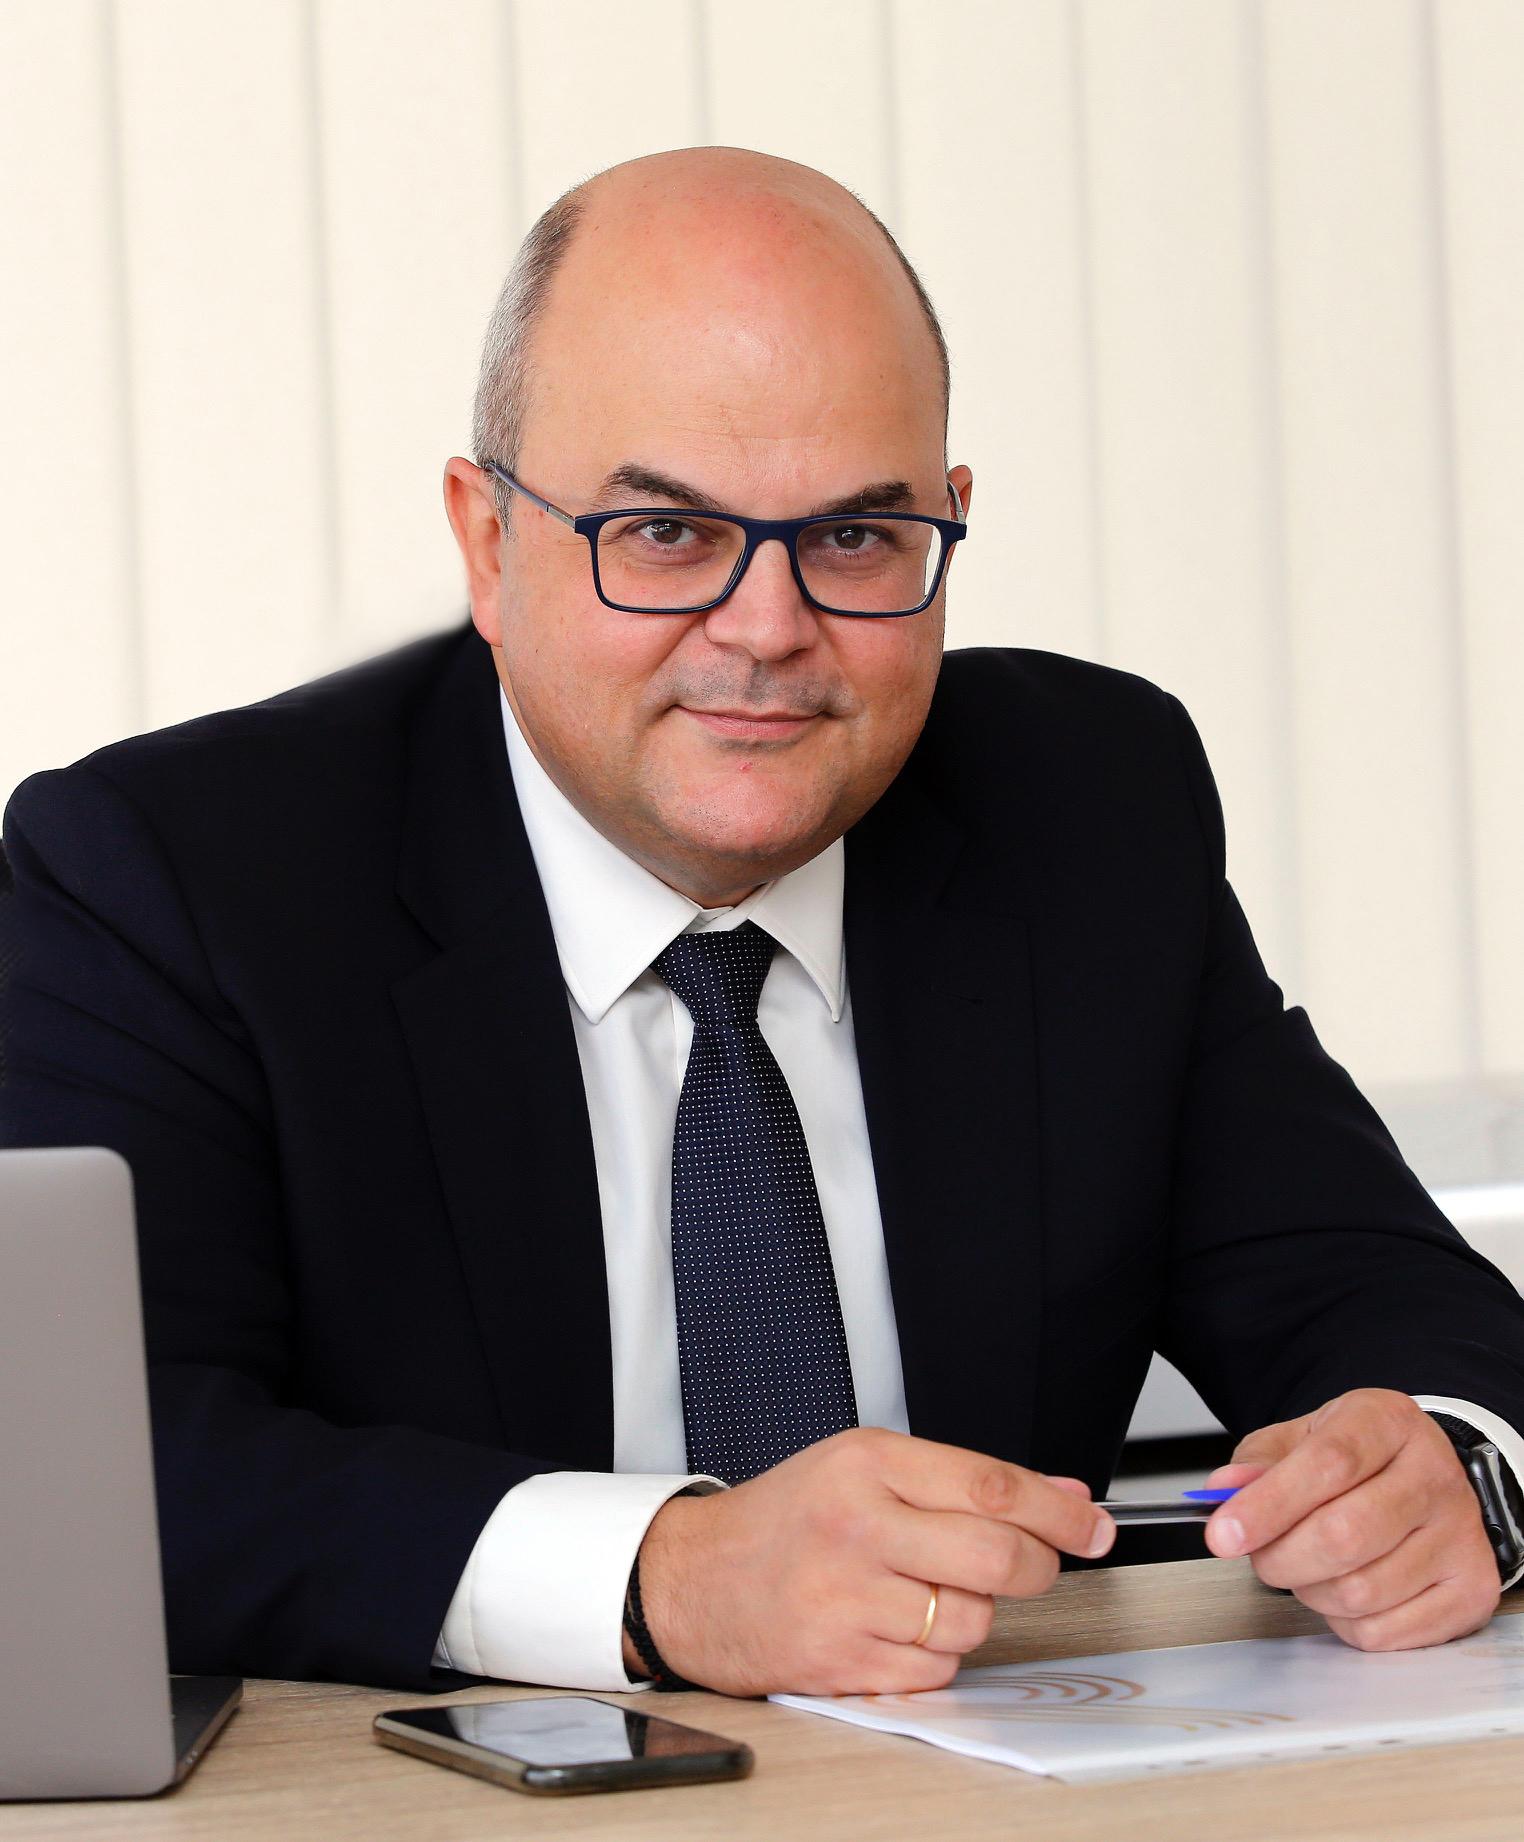 Ο Διευθύνων Σύμβουλος της ΔΕΔΑ κ. Μάριος Τσάκας ΔΕΔΑ ΔΕΔΑ: Το φυσικό αέριο πάει στη Δυτική Μακεδονία Marios Tsakas 1